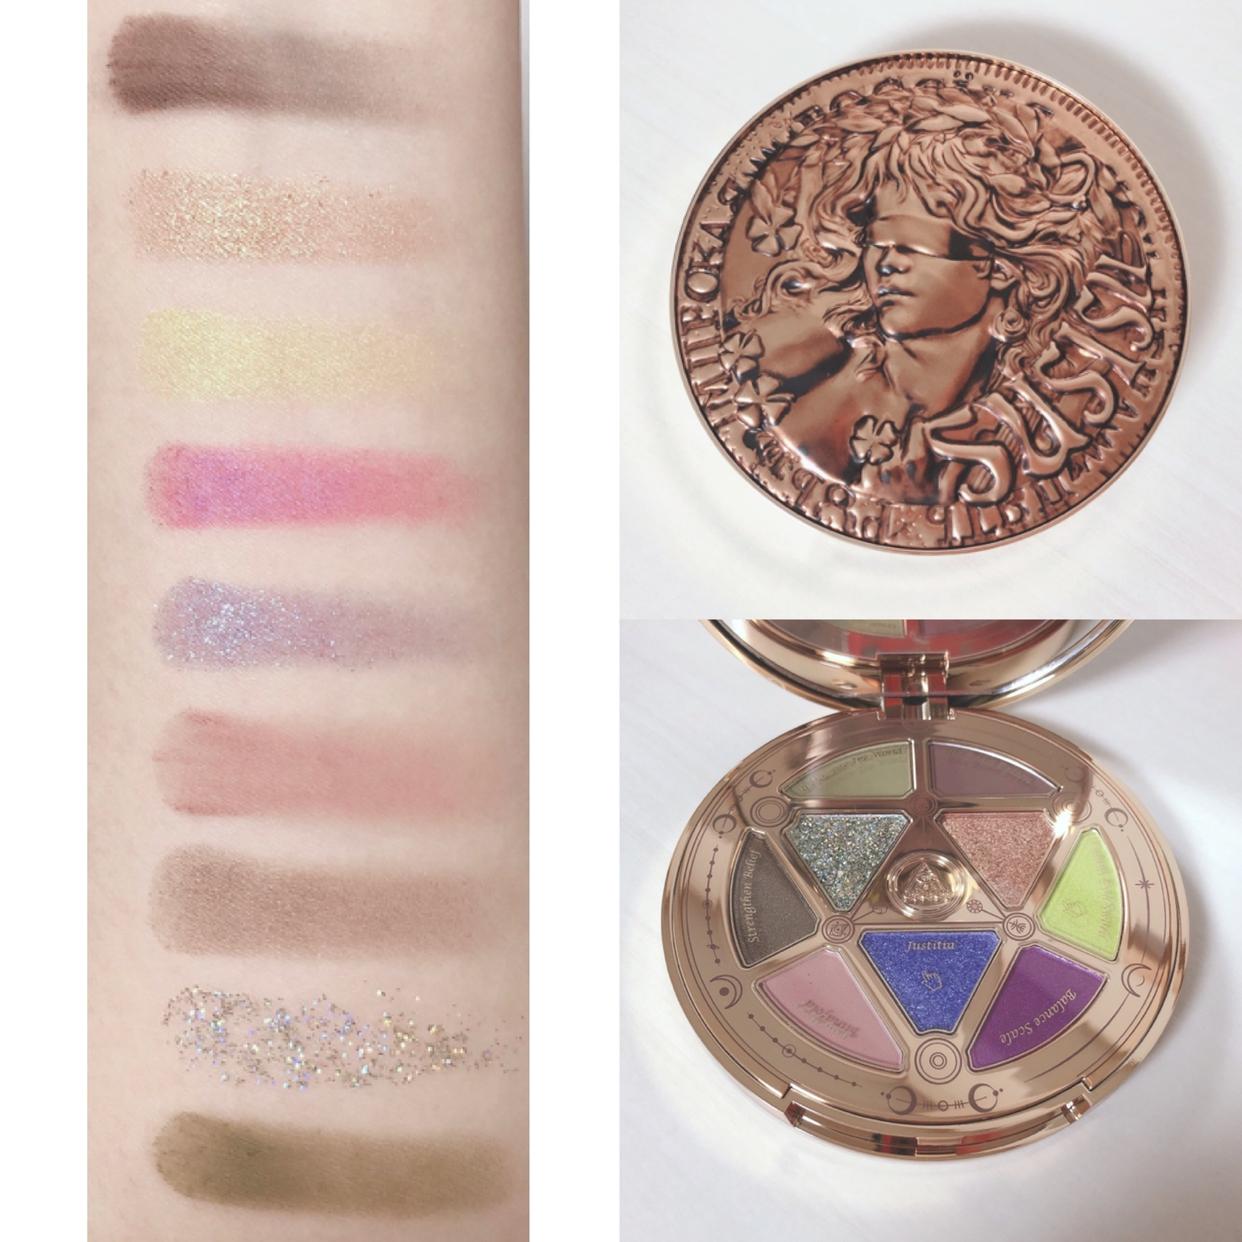 SUSISU(スーシース) ラッキーコインズ 9色アイシャドウパレットを使った桜羽さんのクチコミ画像3